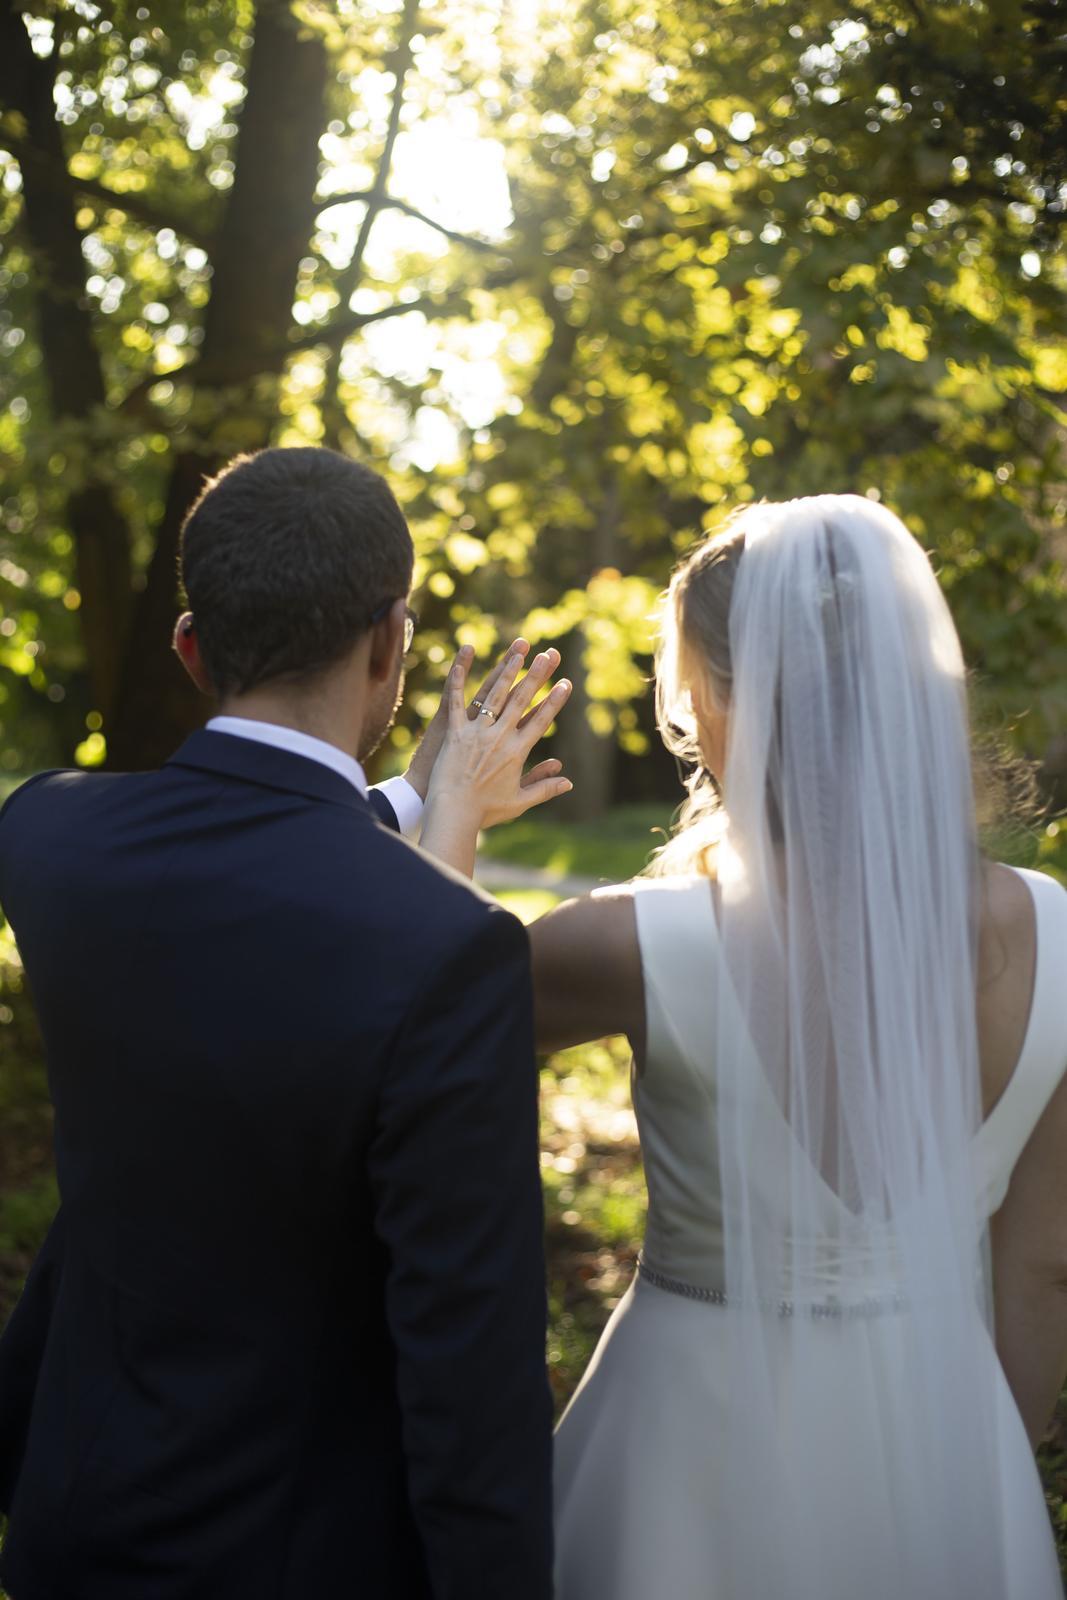 svadobné šaty, ivory (38-40)+ spodnička zadarmo - Obrázok č. 4